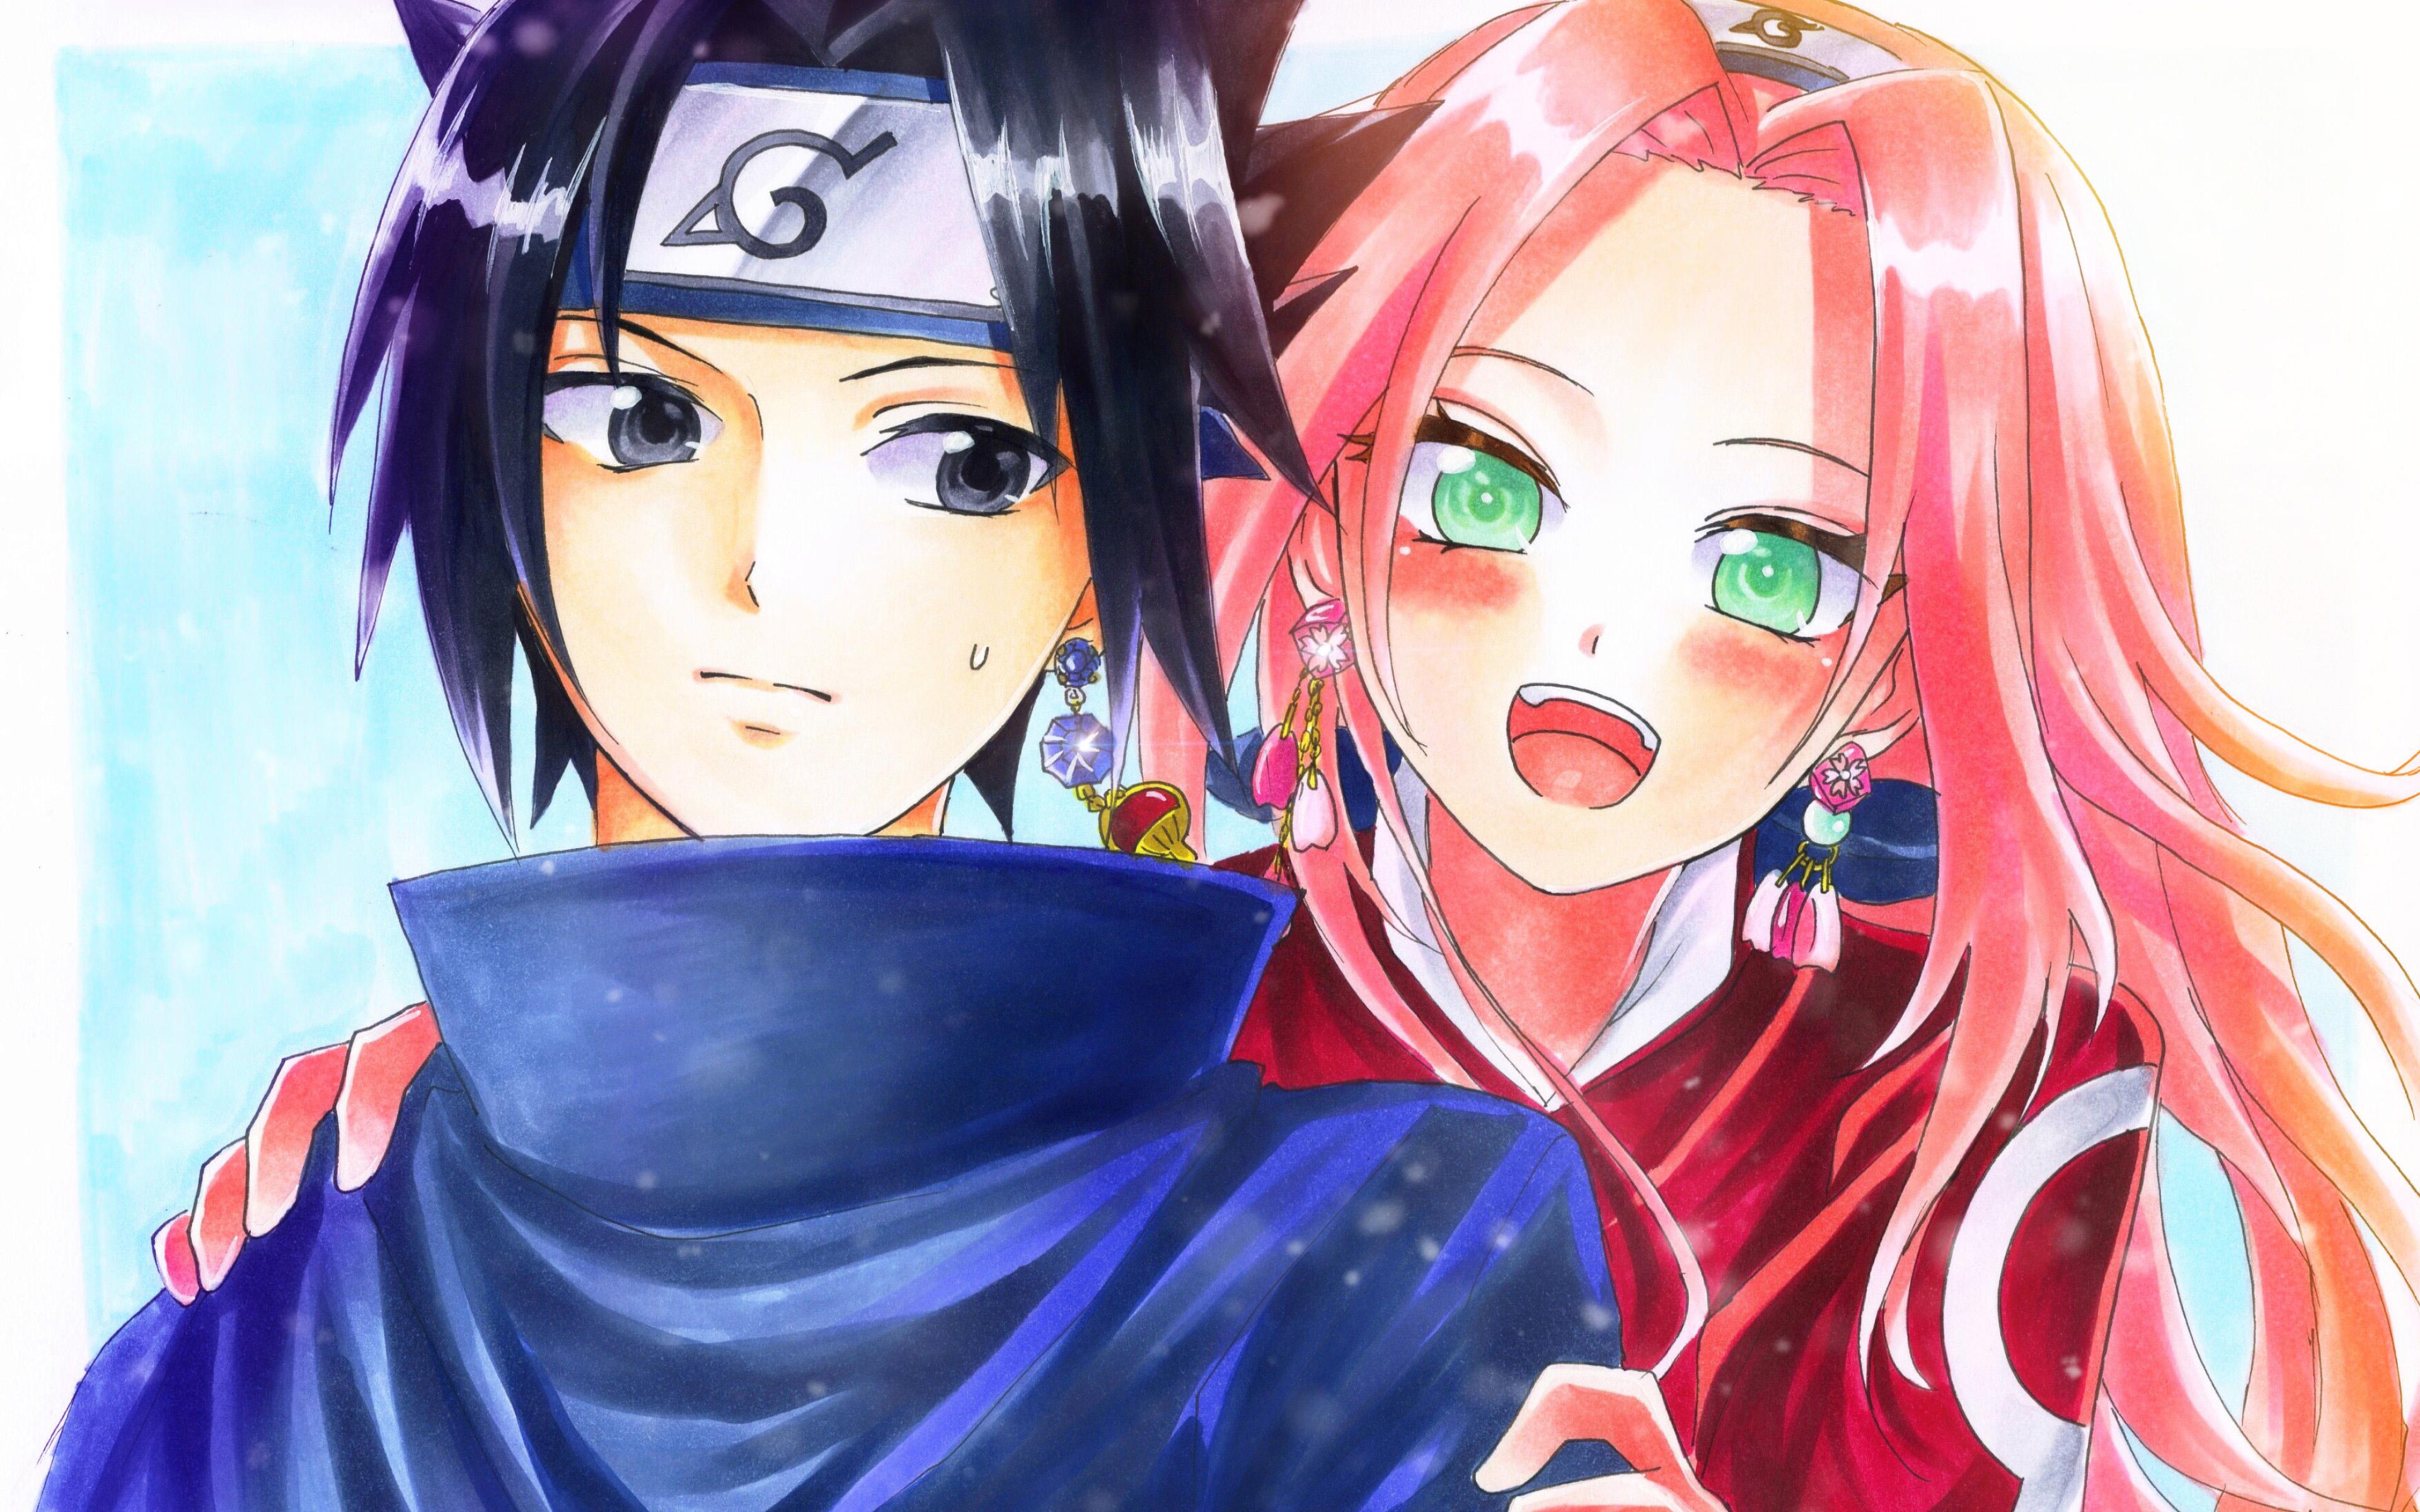 227 2273156 sasuke uchiha and sakura haruno 4k naruto characters